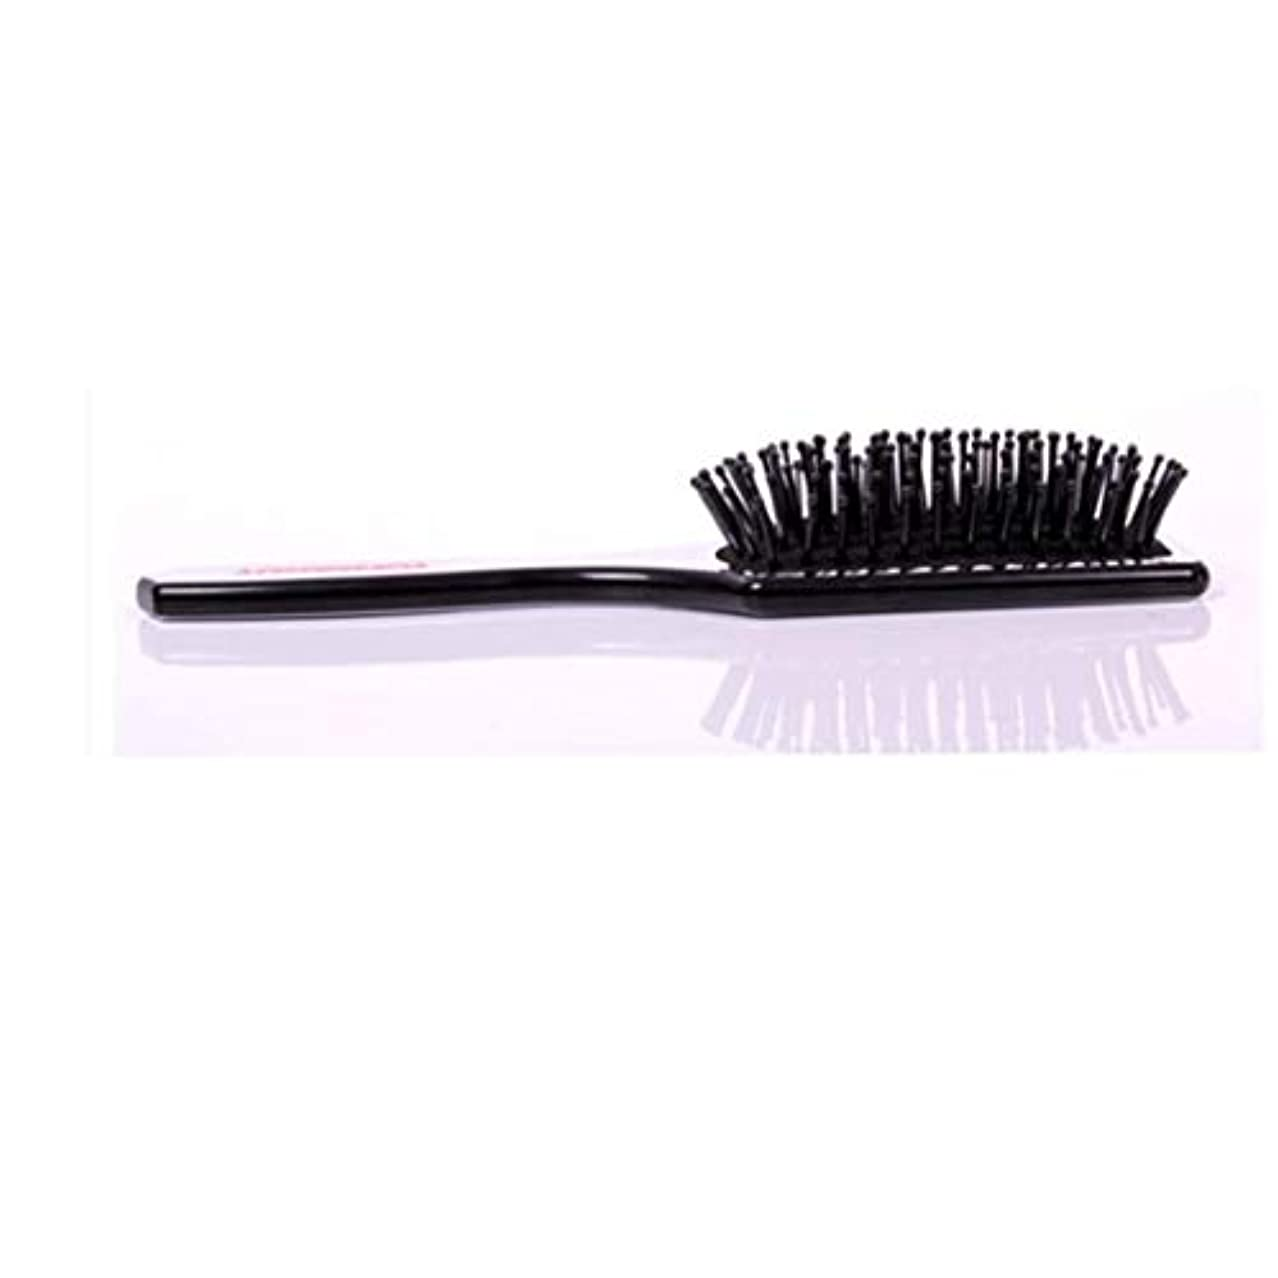 ひまわり早いスカルクFashianヘアブラシマッサージ髪の毛と頭皮の熱と耐久性のある帯電防止スタイリングくしサイズL/S ヘアケア (サイズ : S)